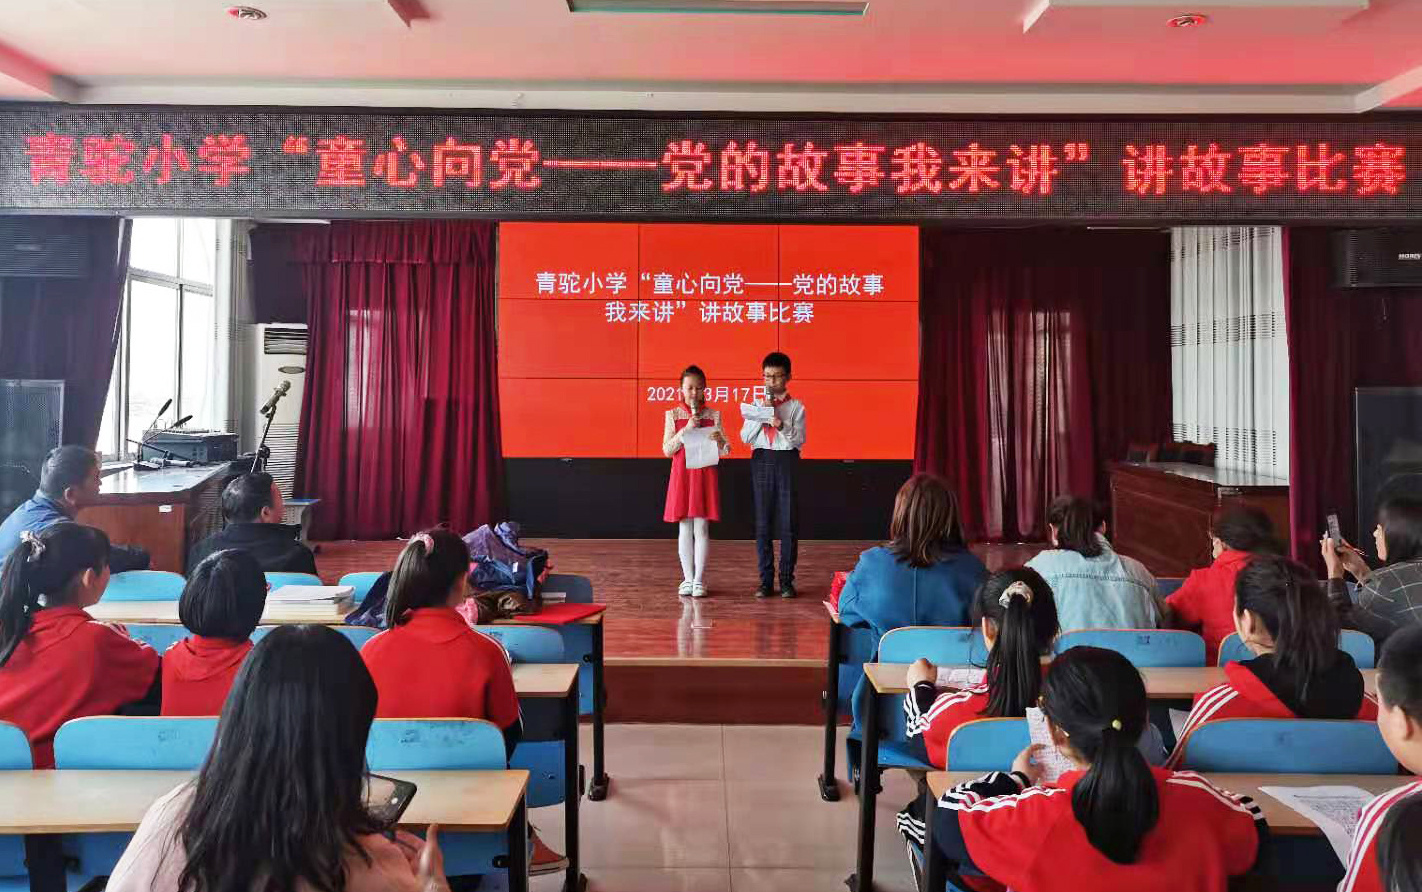 山东省临沂市沂南县青驼镇中心小学:党的故事我来讲